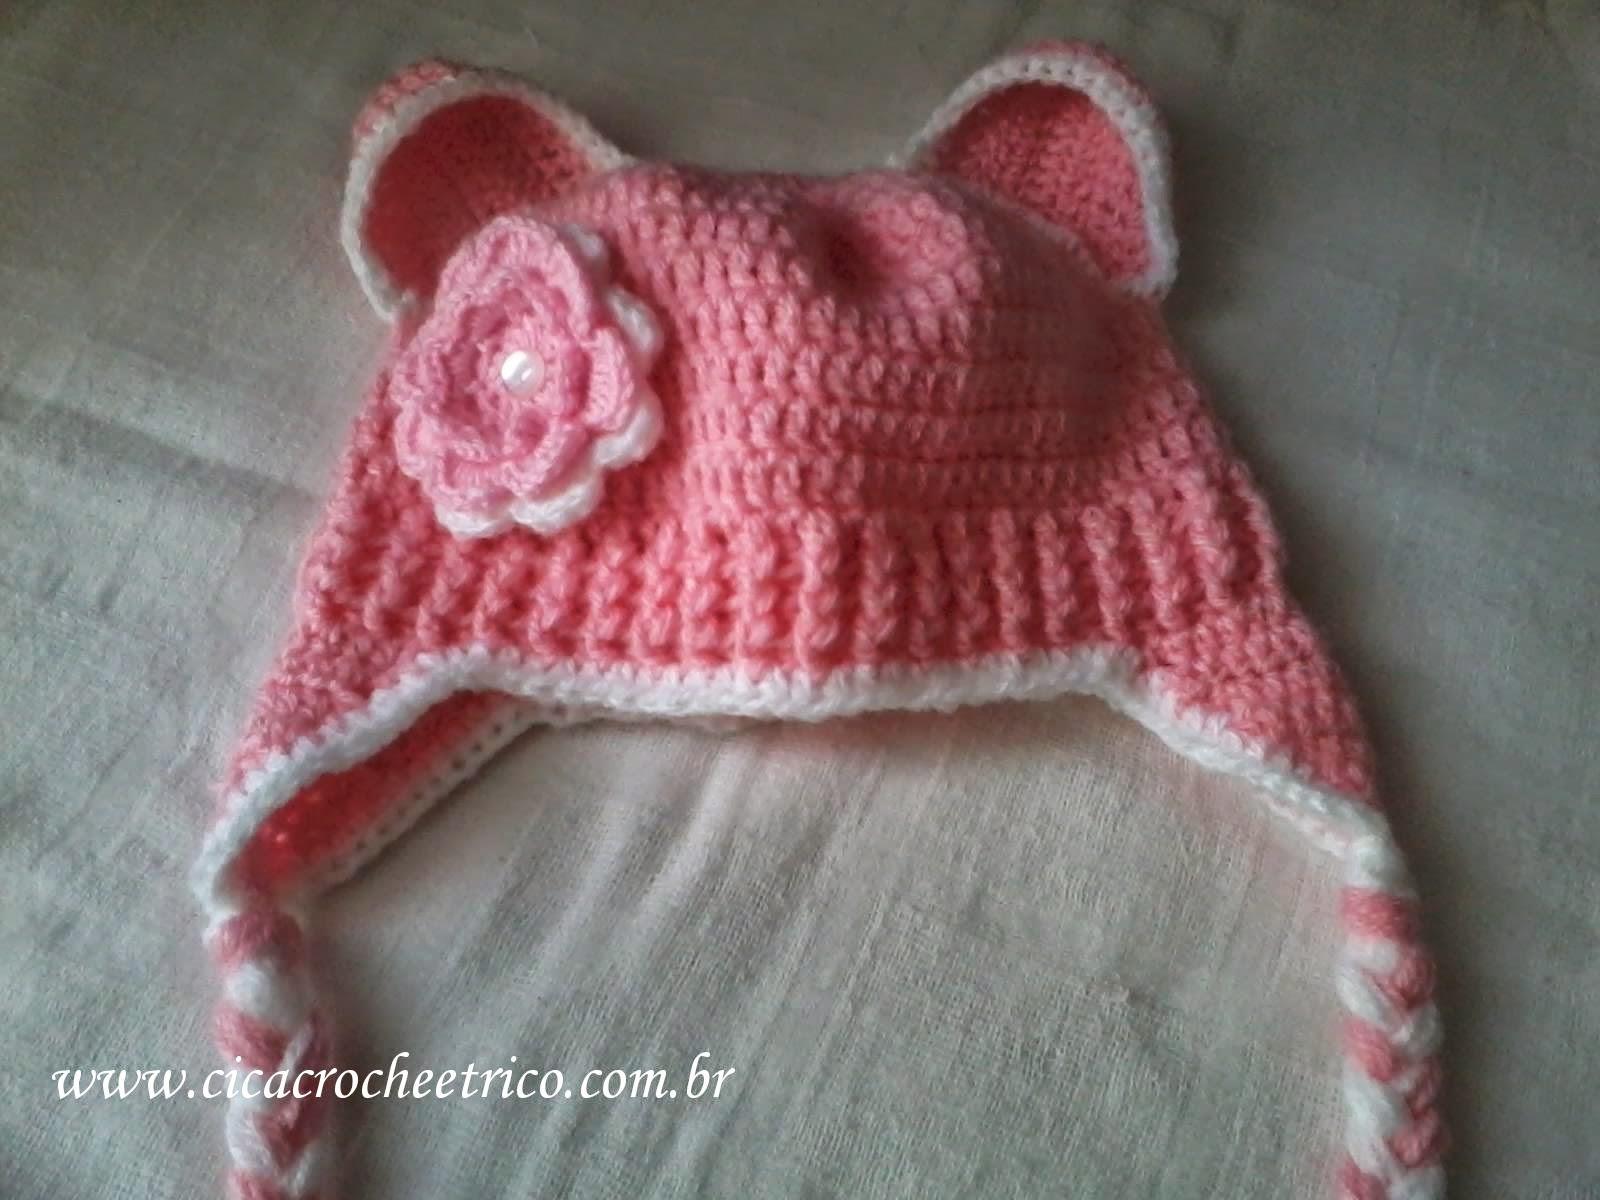 Ela queria uma touca rosa com flor e orelha de ursinho rsrs! 80f878ccd5f